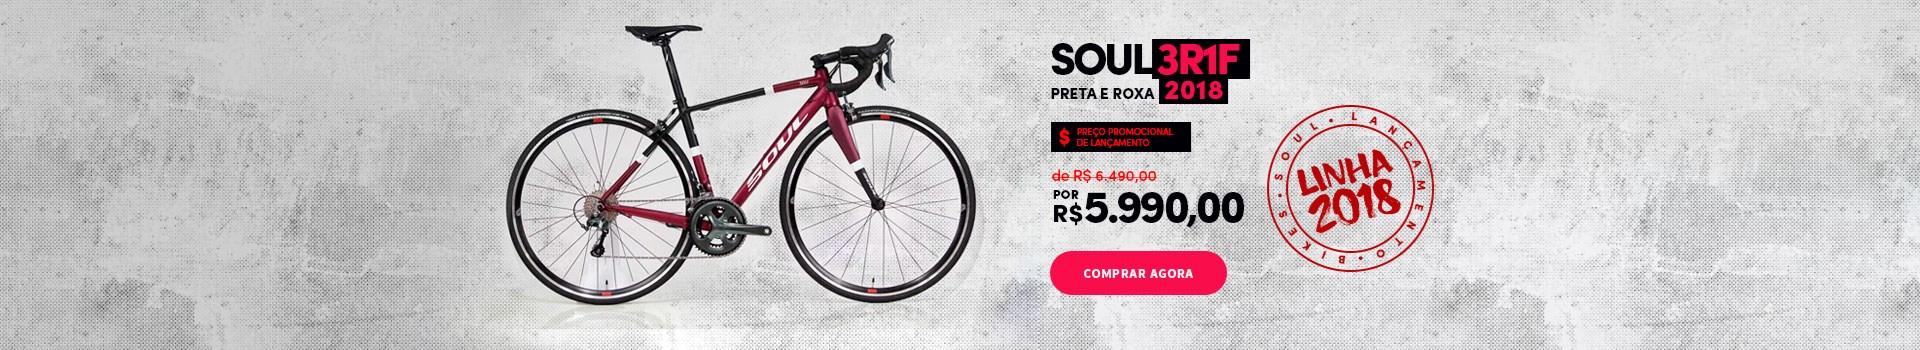 Promoção de lançamento Bike Soul 3R1F 2018